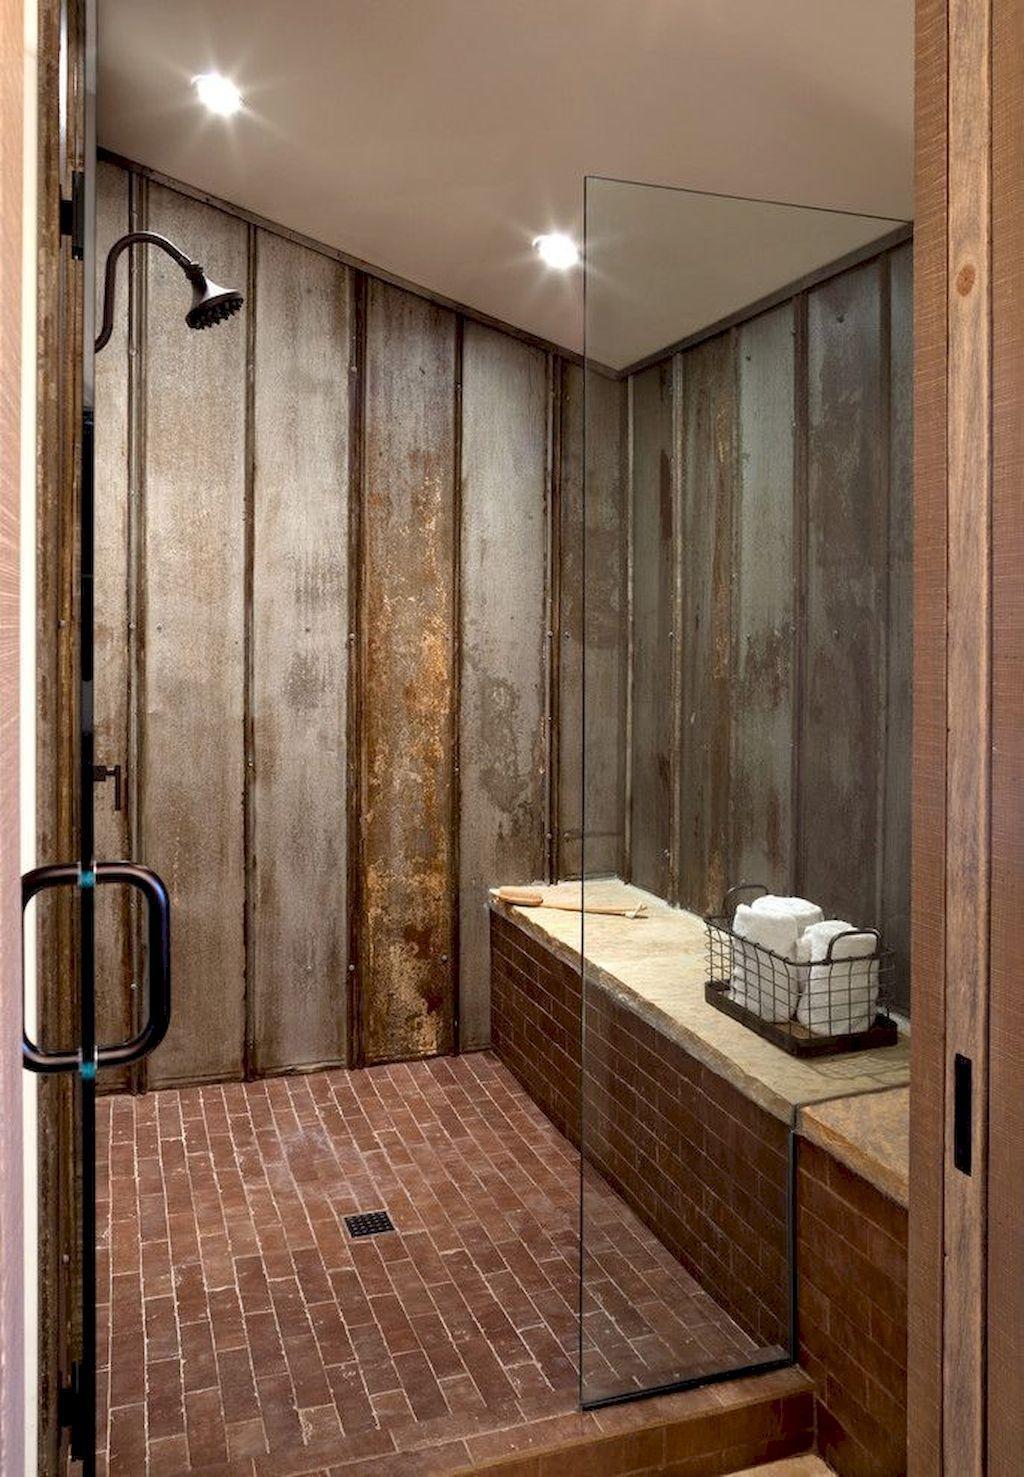 30-Farmhouse-Rustic-Master-Bathroom-Remodel-Ideas.jpg